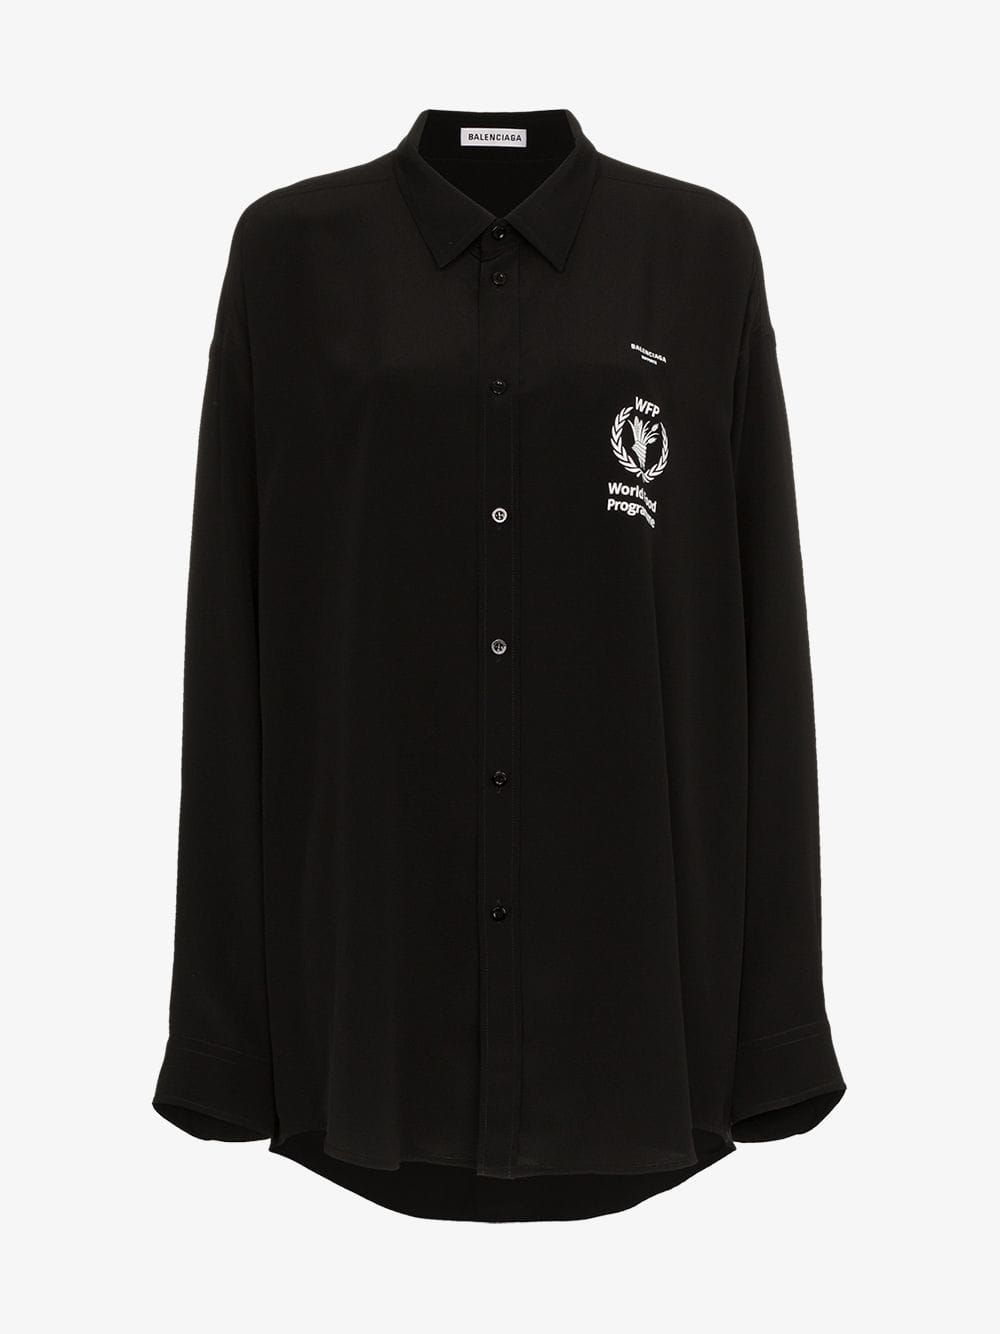 56d34906755ee0 WFP logo print silk shirt in 2019   N E W L O O K   Shirts, Adidas ...